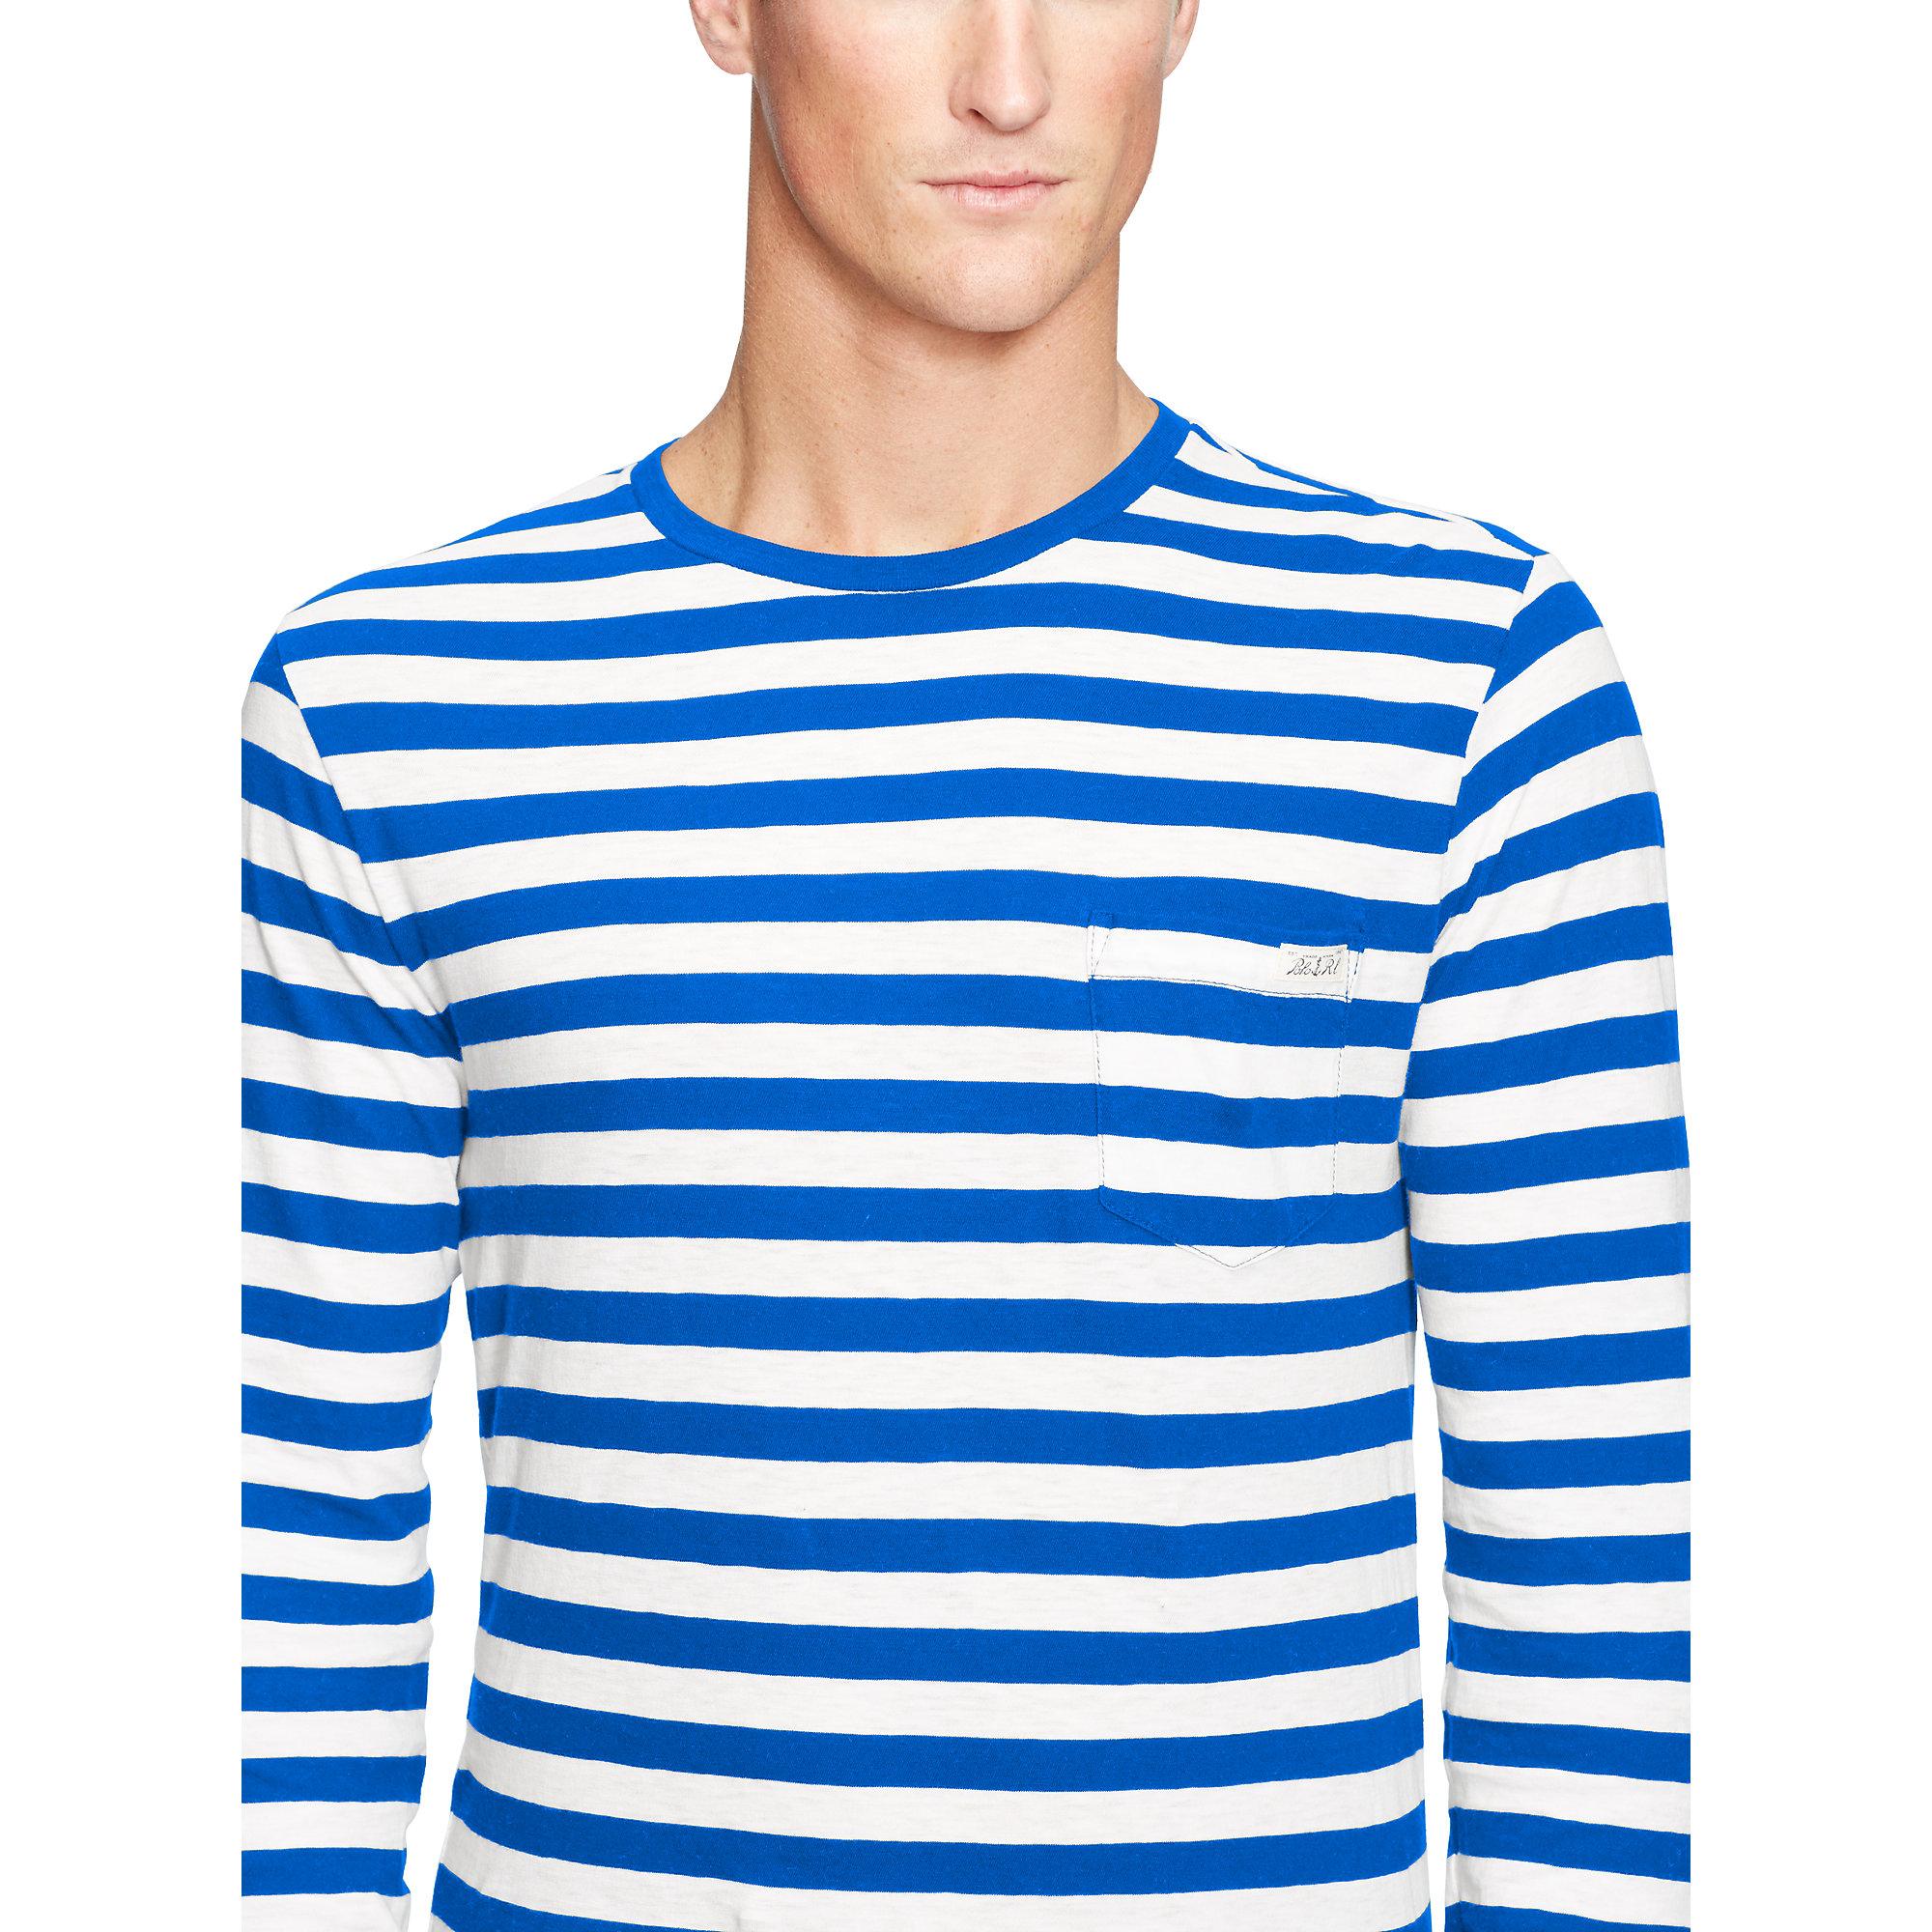 Polo ralph lauren striped long sleeved t shirt in blue for for Blue and white striped long sleeve t shirt